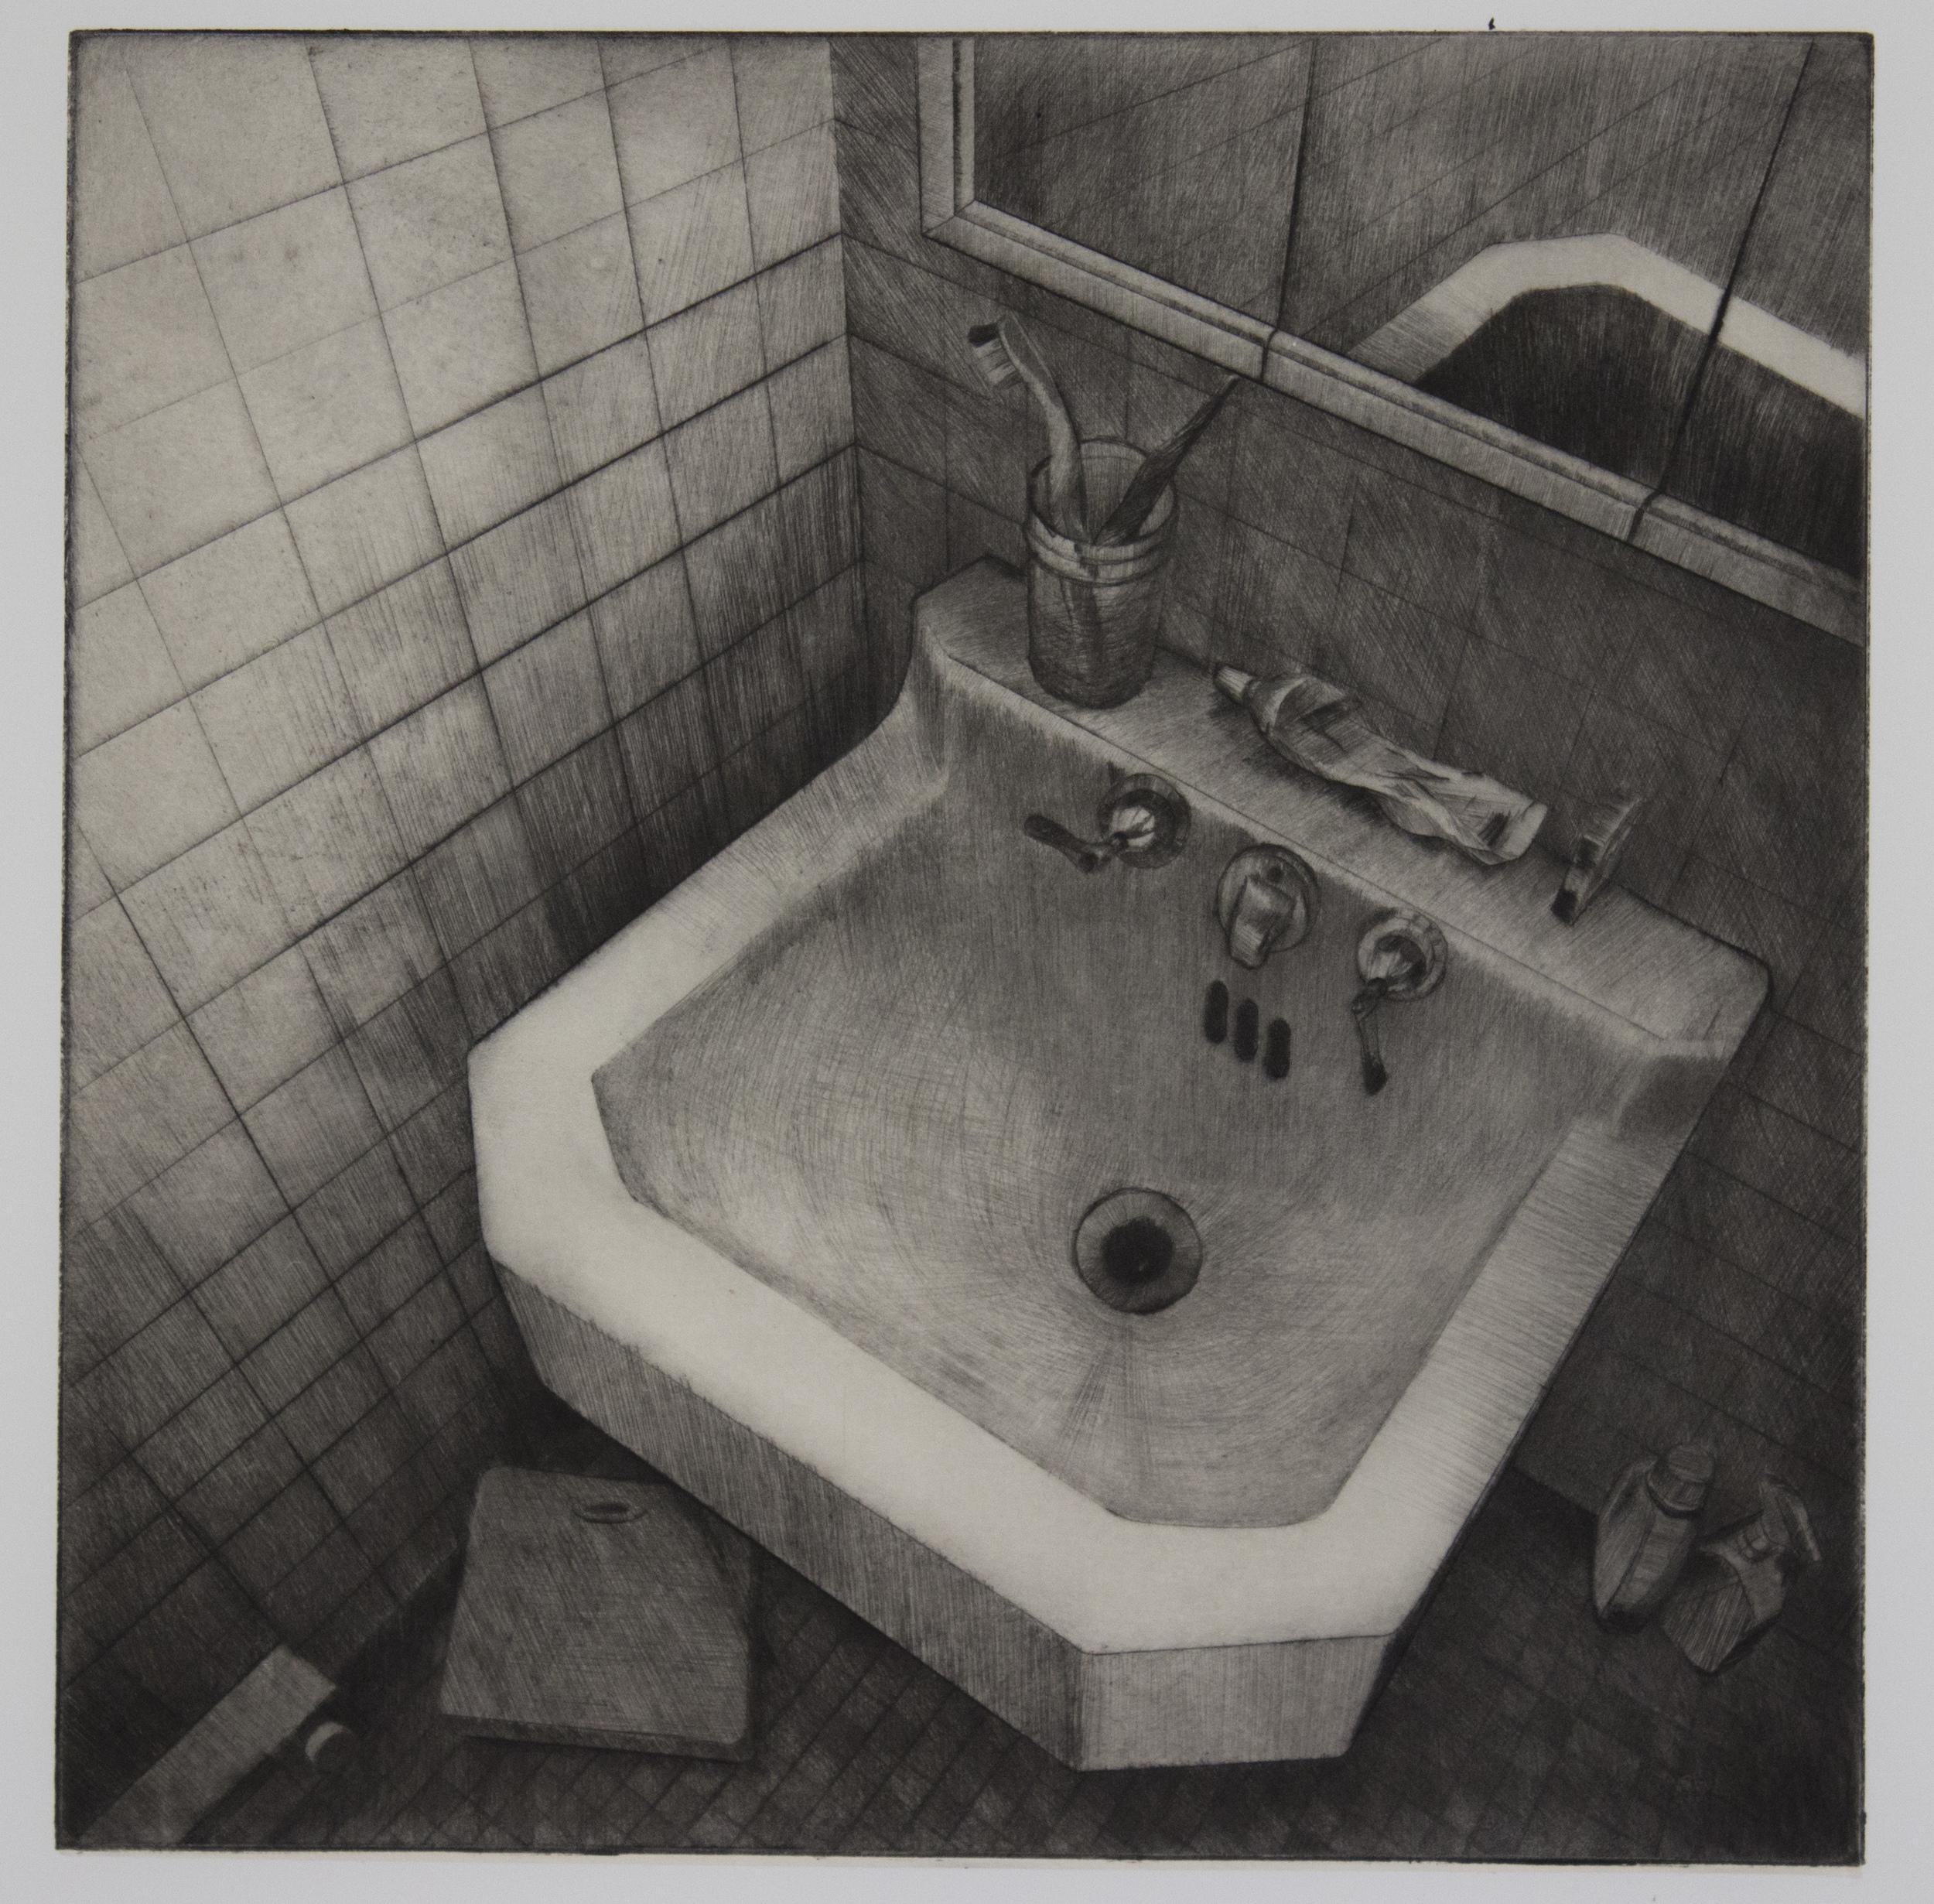 Filthy Little Sink